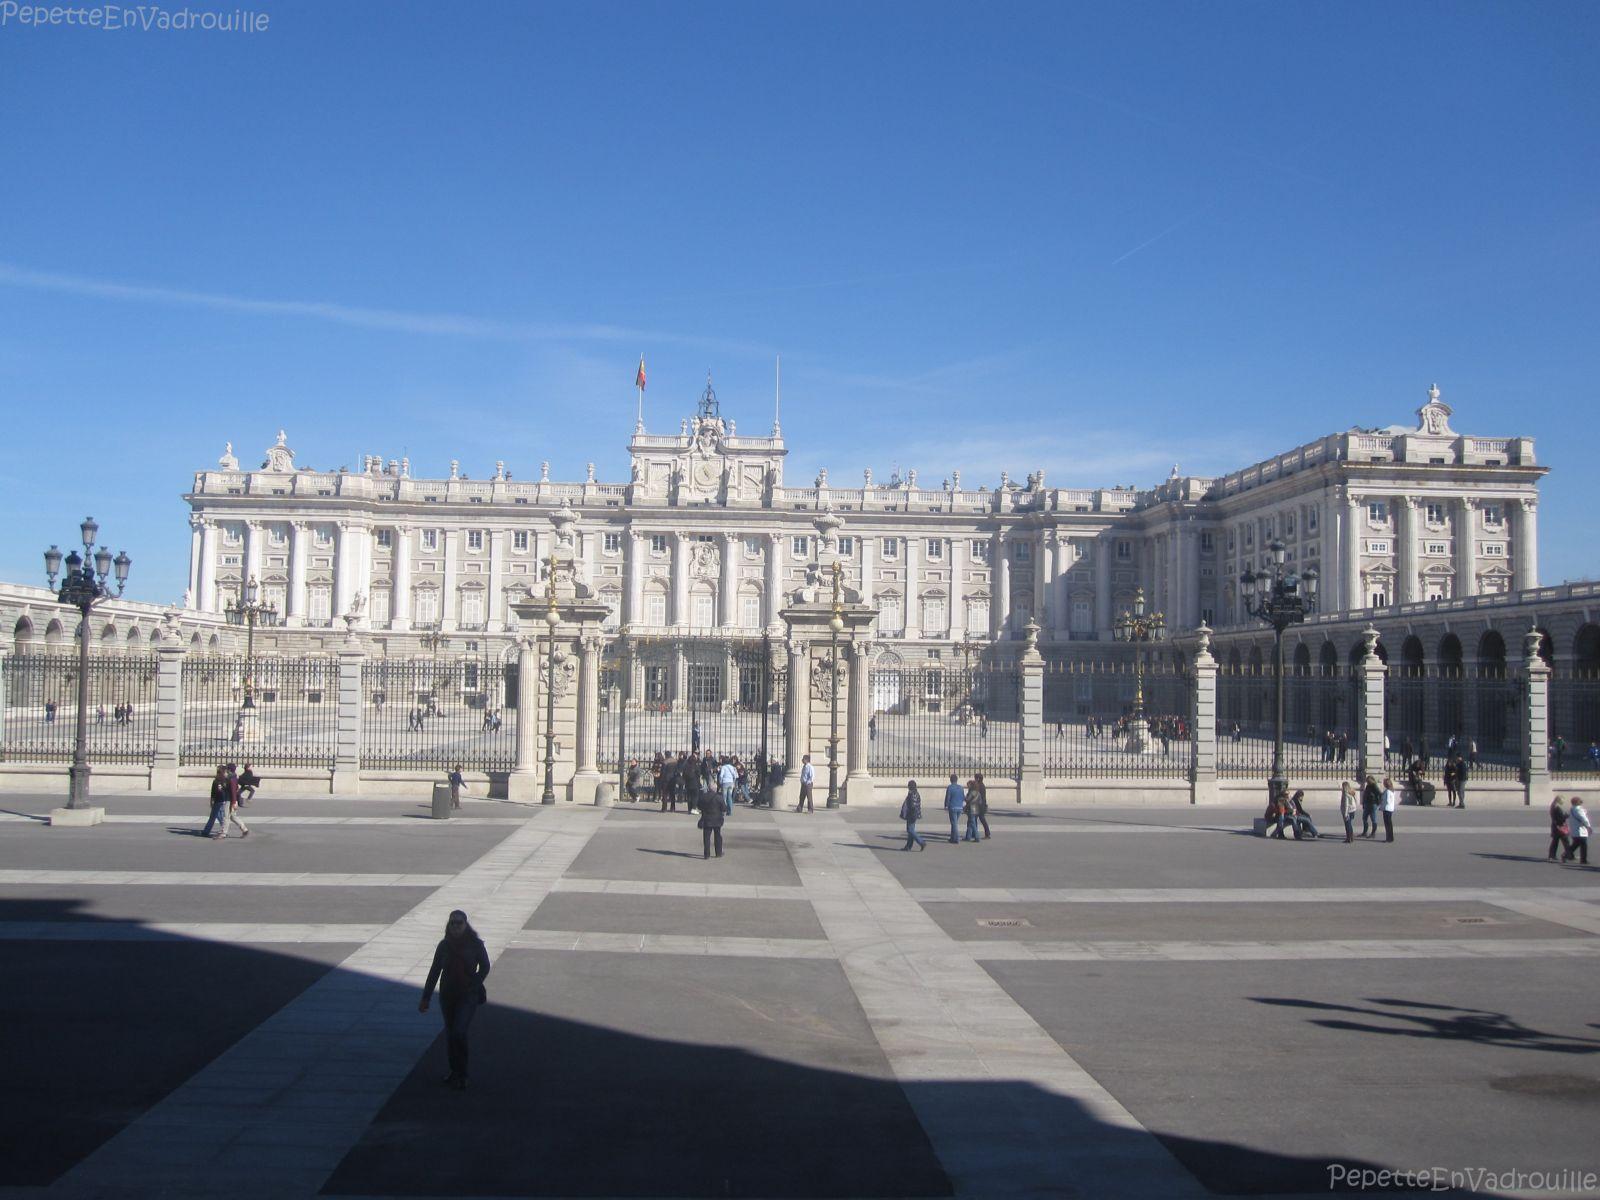 Madrid en un week end pepetteenvadrouille - Office de tourisme madrid ...